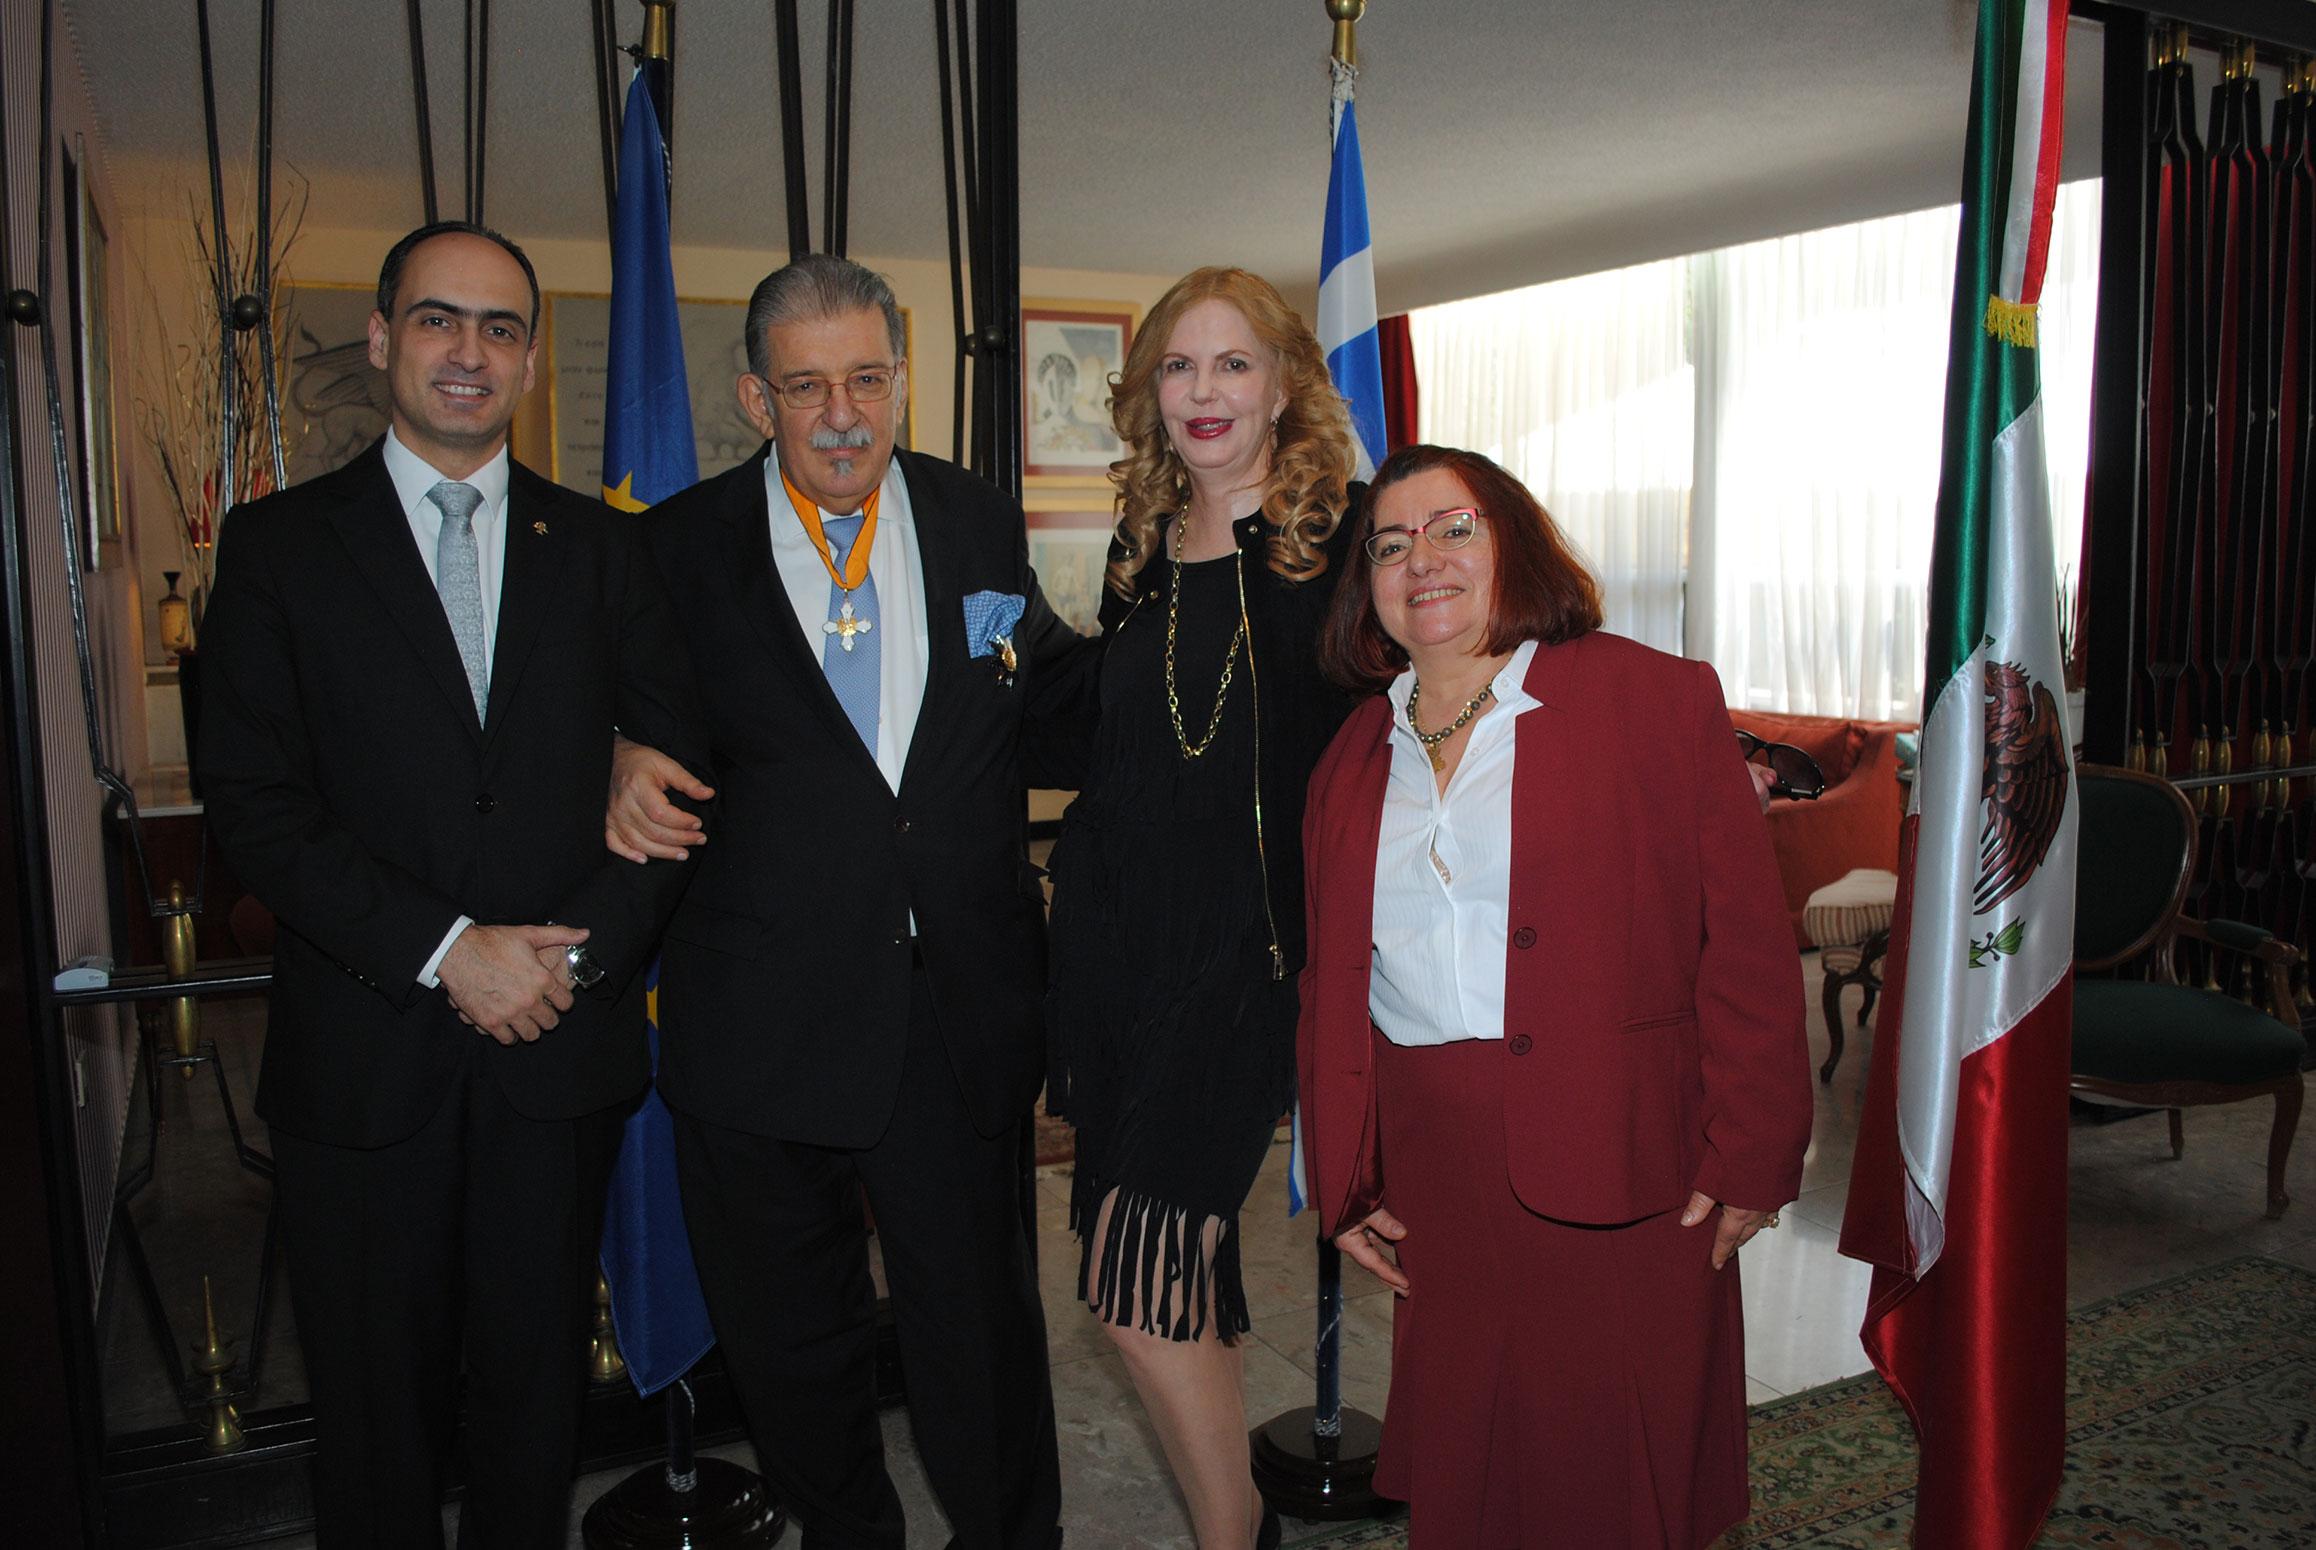 Rudy El Azzi, Petros Panayotopoulos, embajador de Grecia; Therese Margolis y Alexandra Zoi